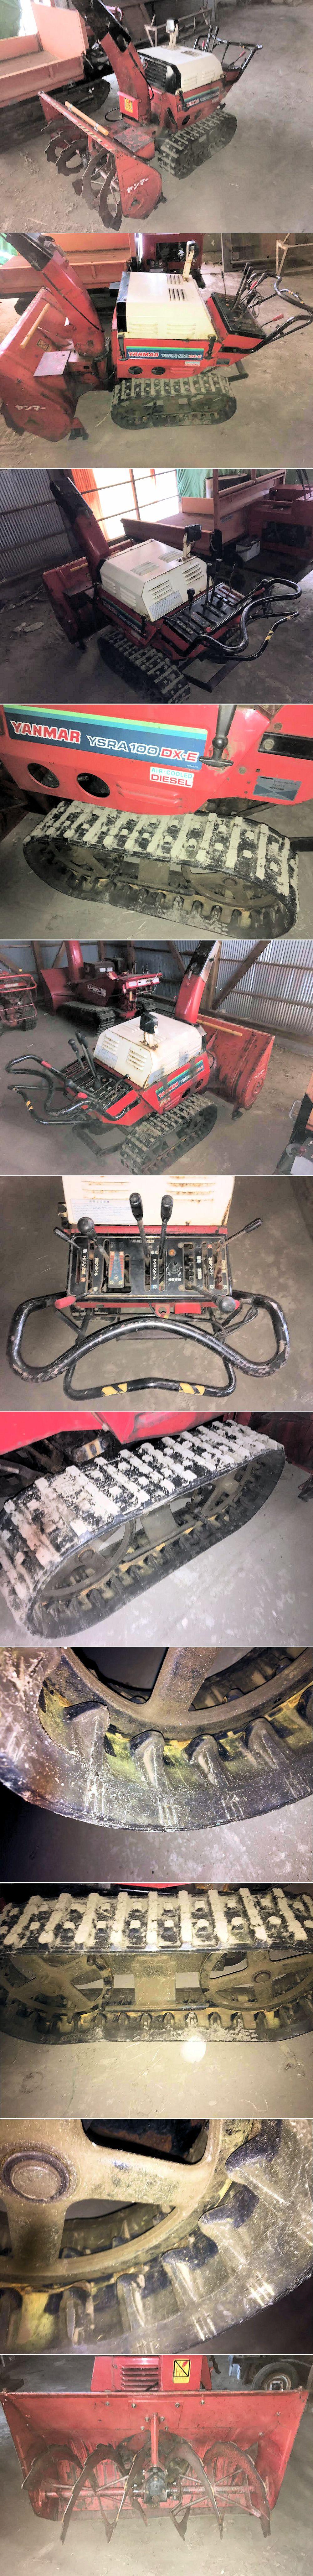 ヤンマー 除雪機 YSRA100DX-E 中古 クローラ状態良好 実働品